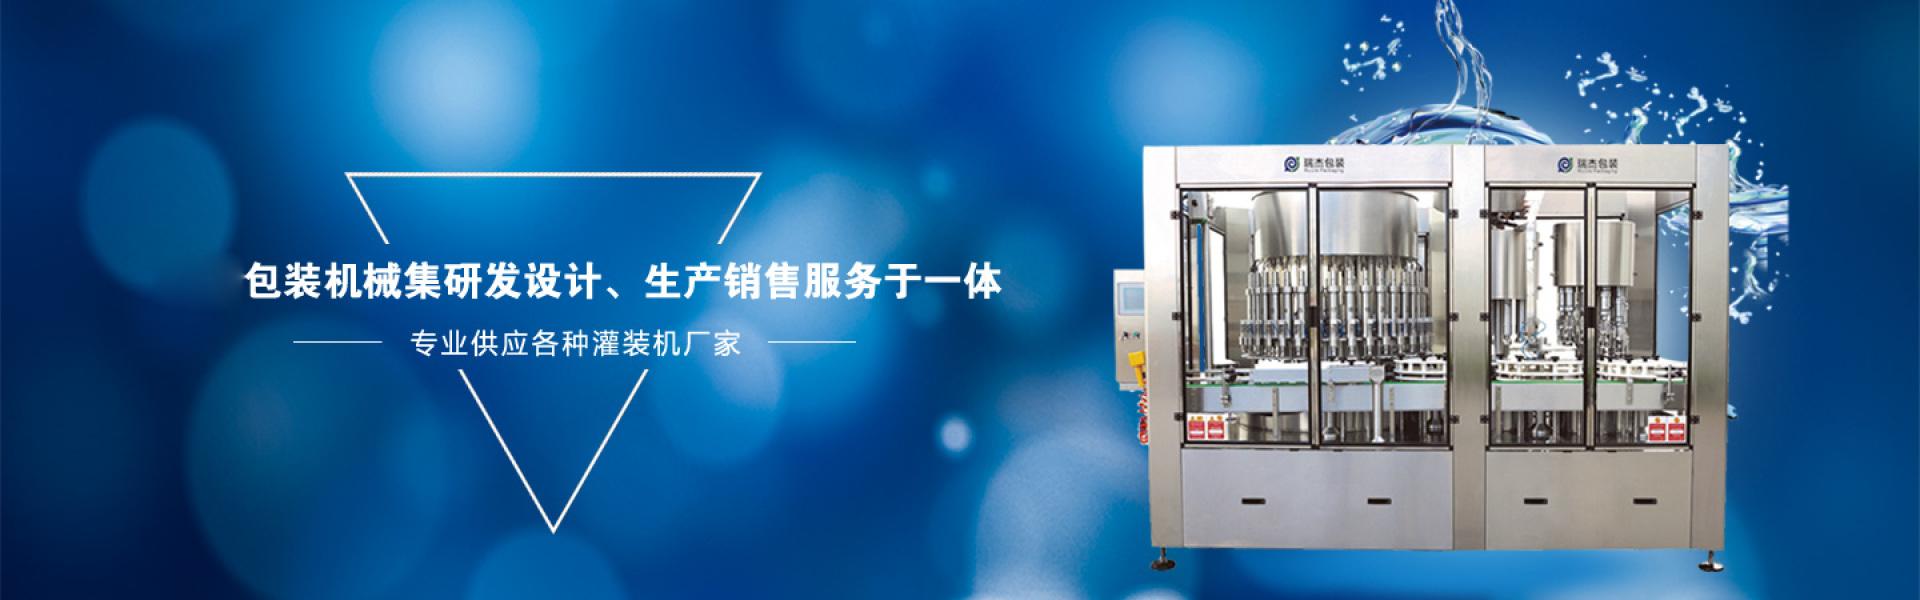 青州瑞杰包装机械有限公司联系方式